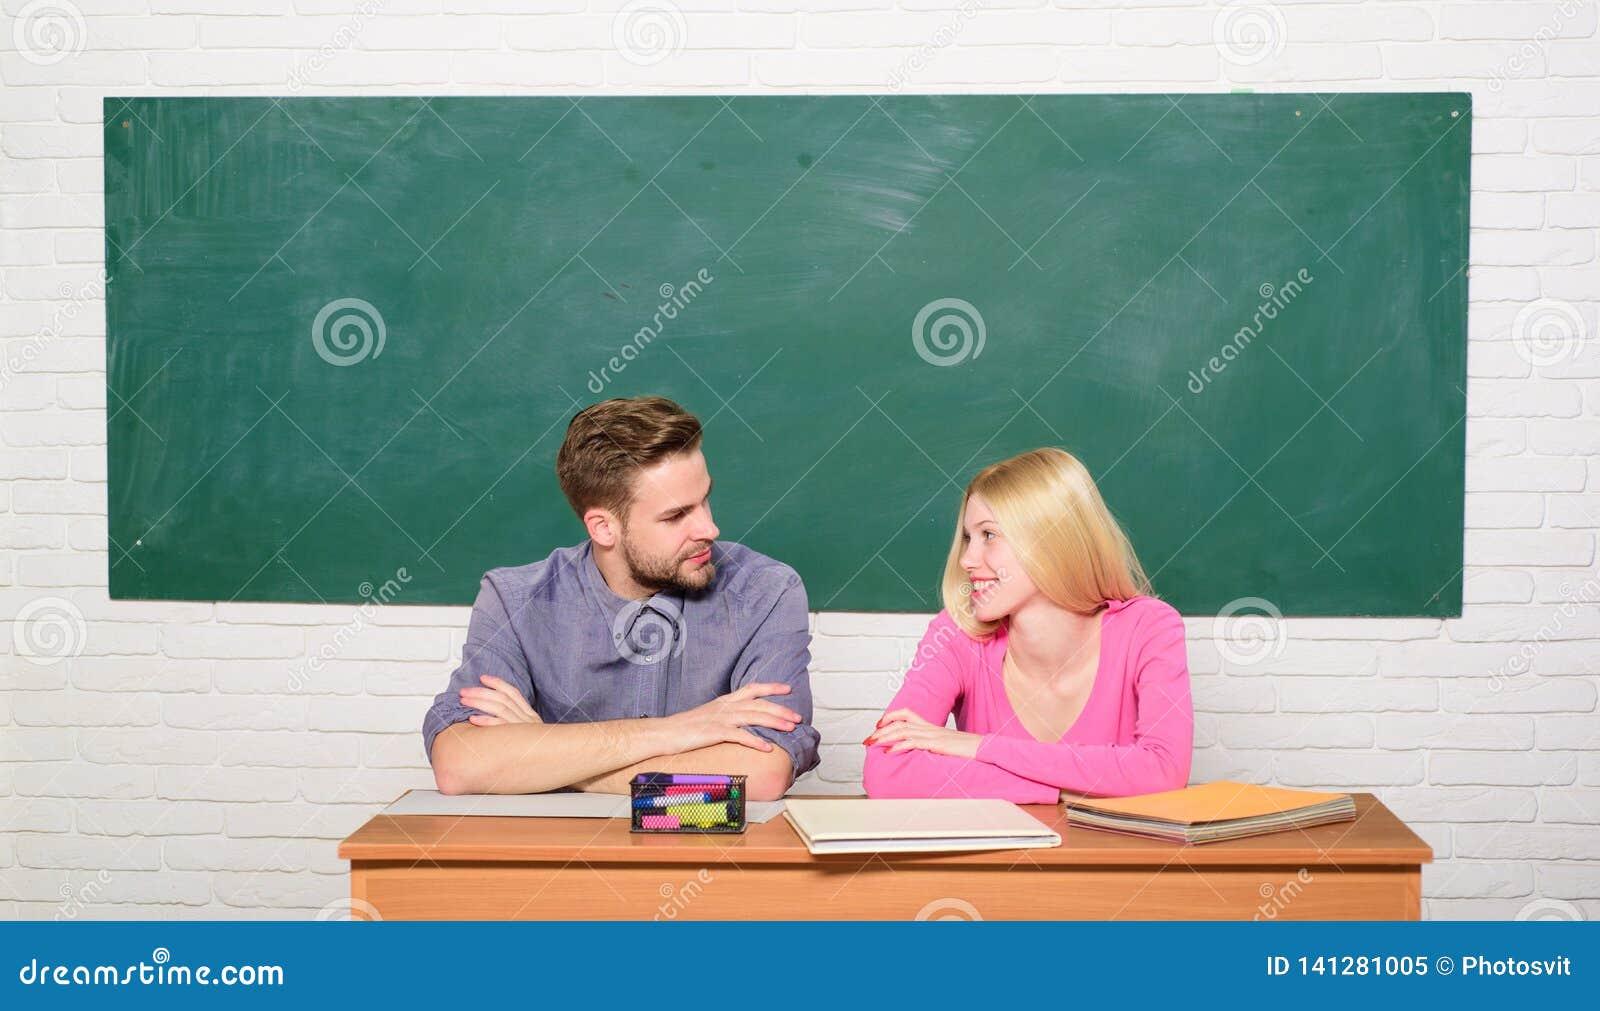 Studera i högskola eller universitet Applicera för fritt program Koppla ihop vänstudenter som studerar universitetet enjoying